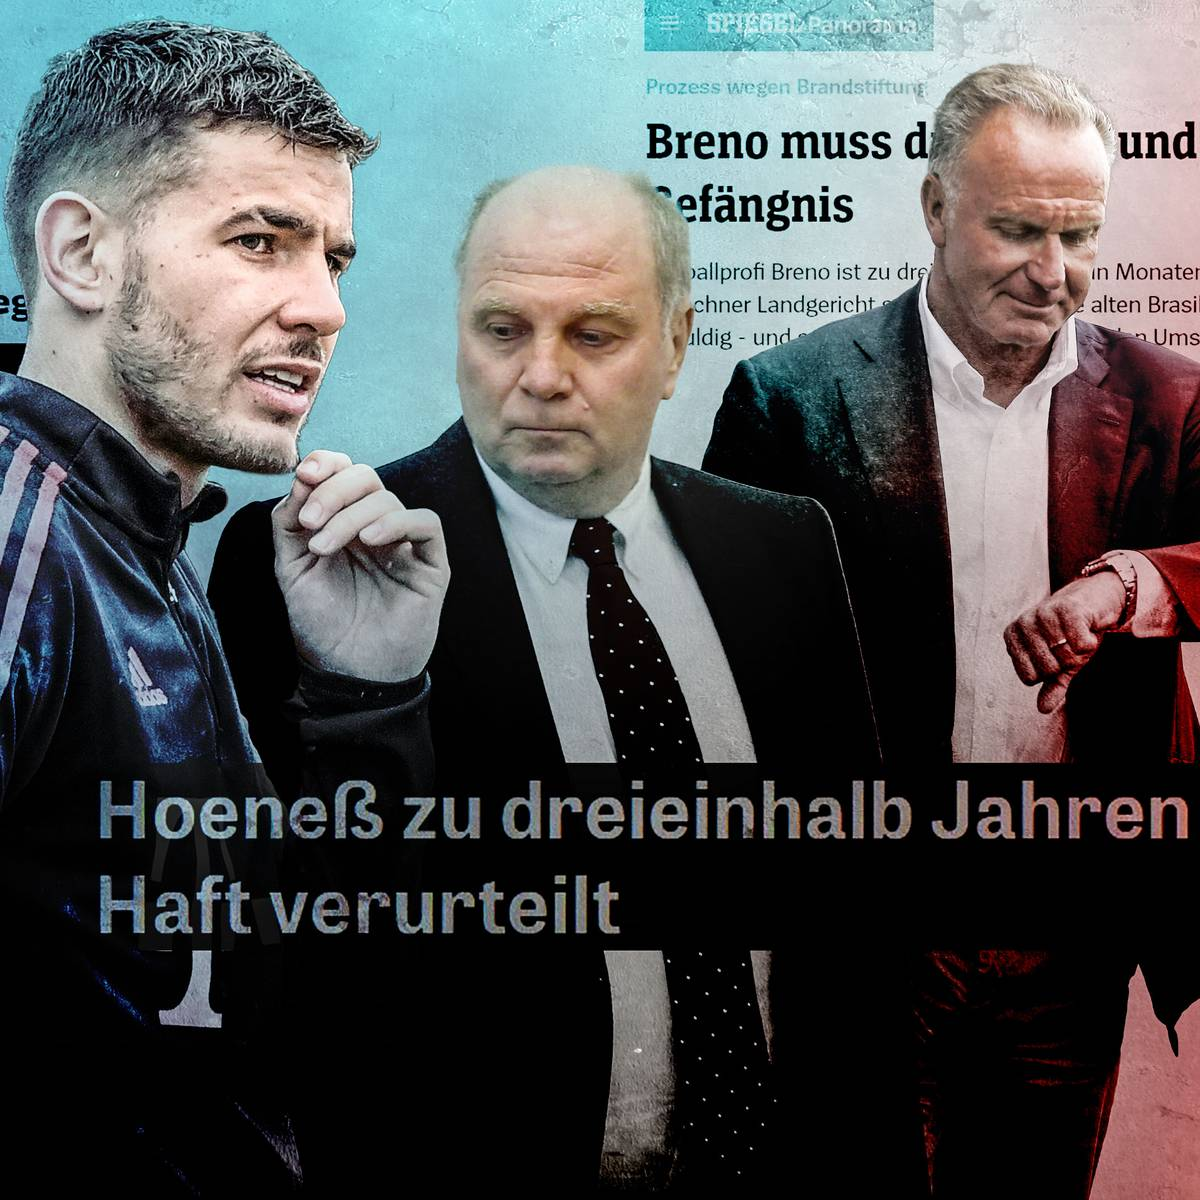 Bayerns Strafakte: Wer vor Hernández schon Justiz-Ärger hatte